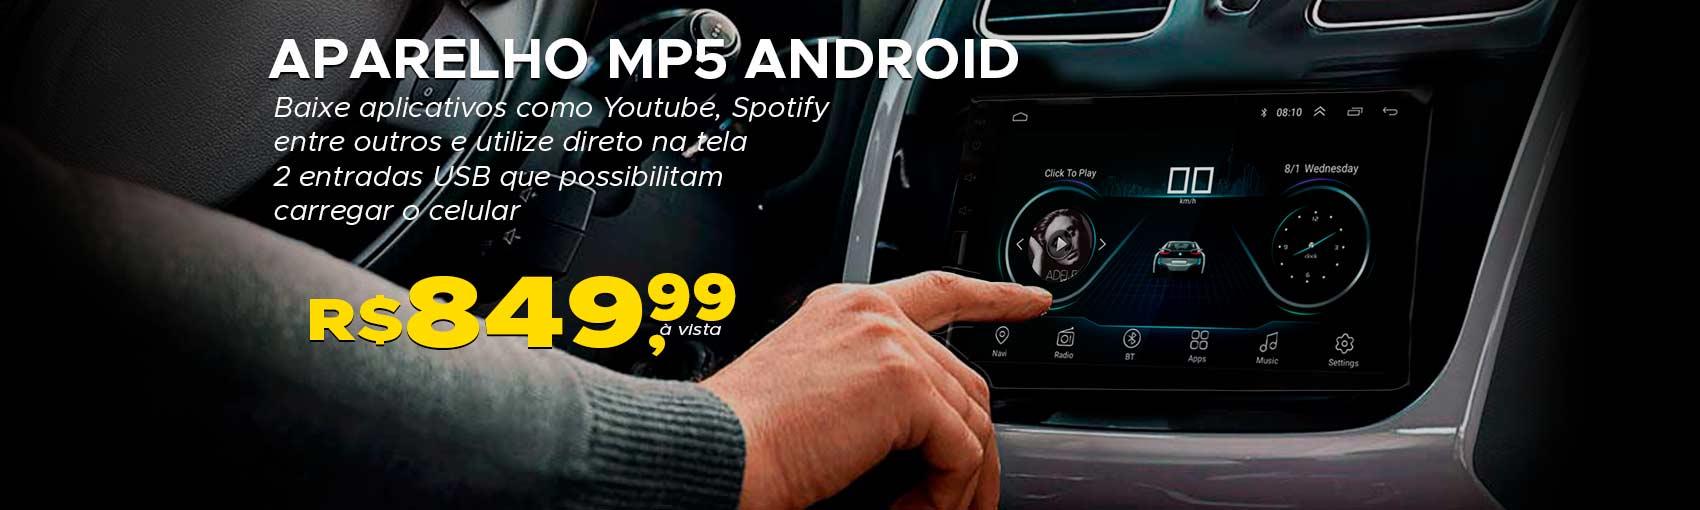 Aparelho MP5 Android